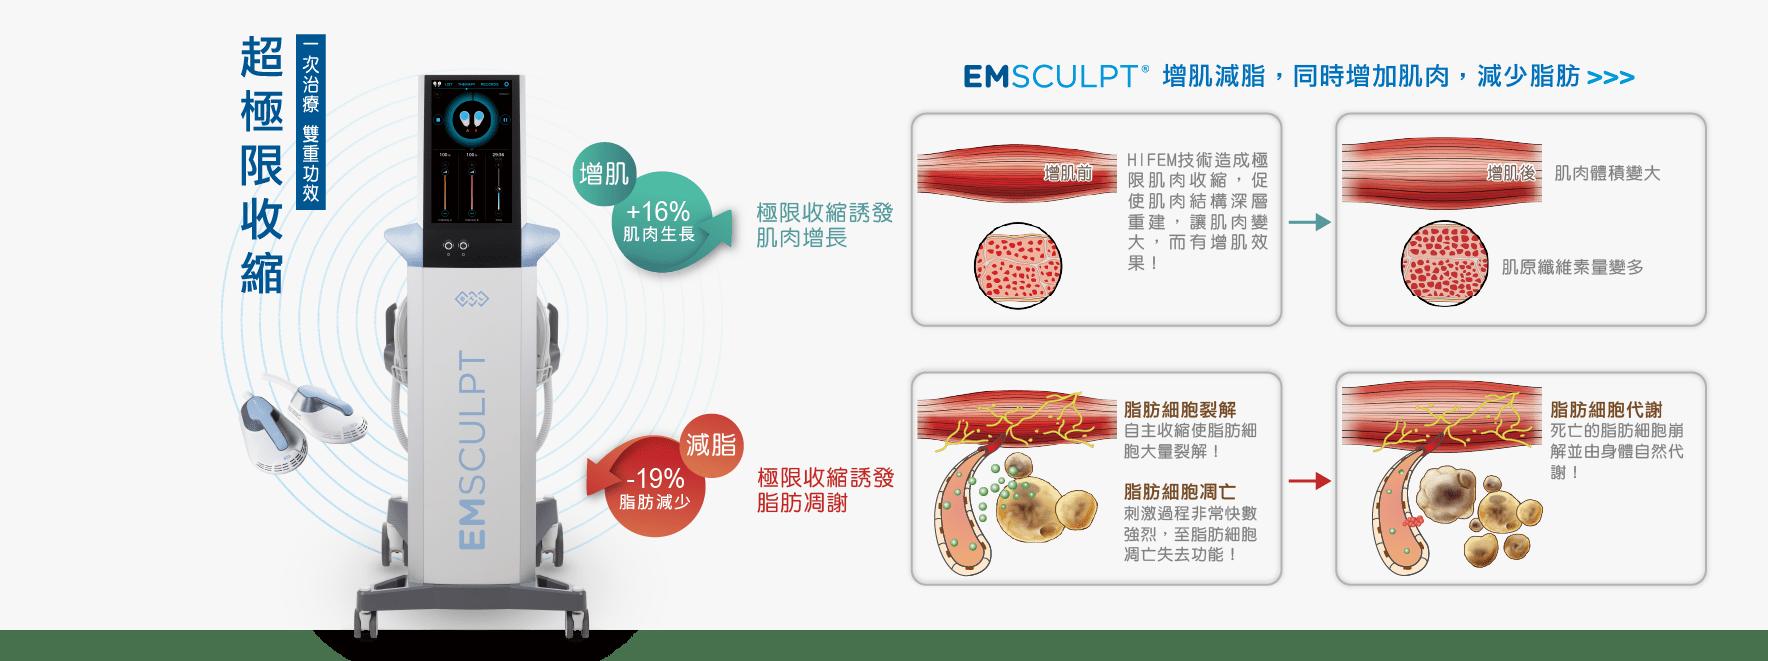 EMSCULPT-new-01